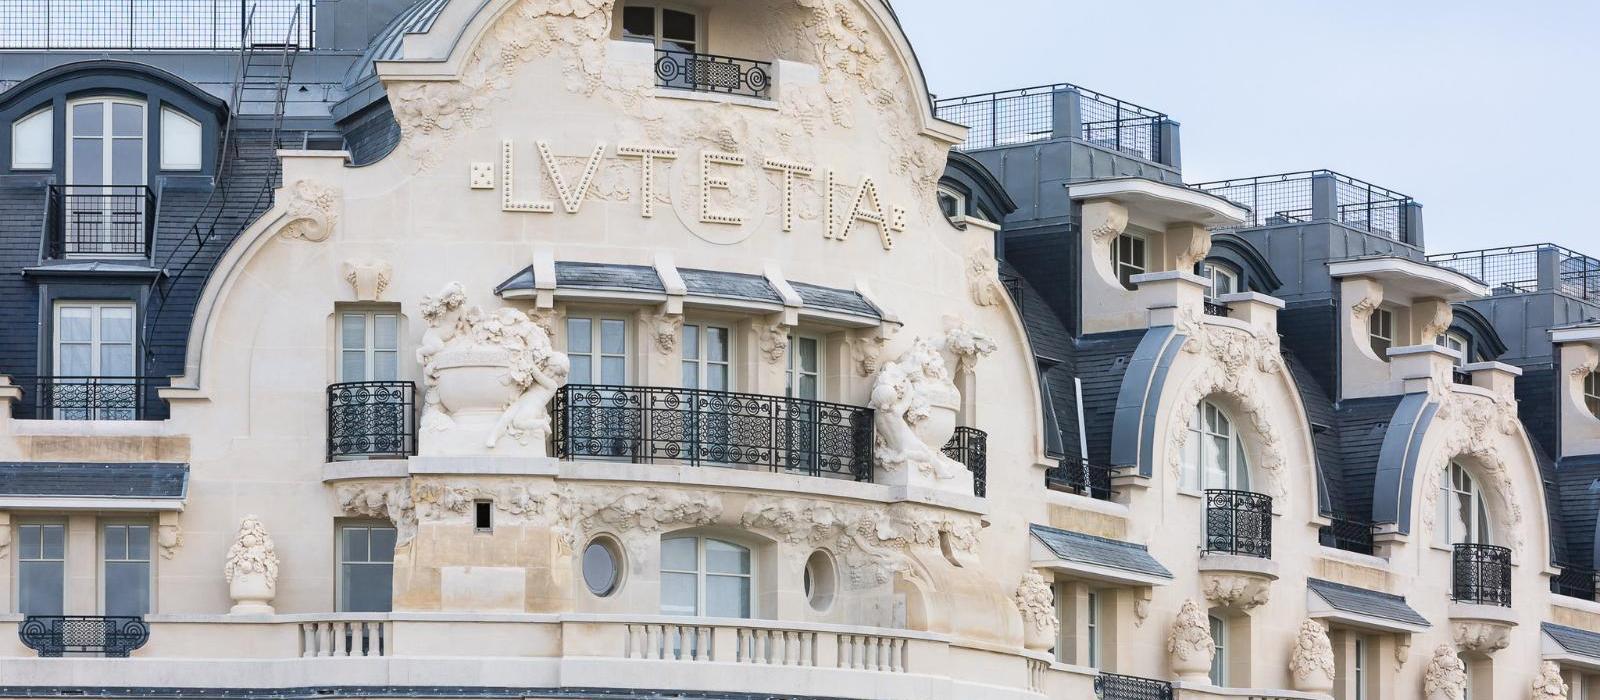 露西娅酒店(Hotel Lutetia) 图片  www.lhw.cn